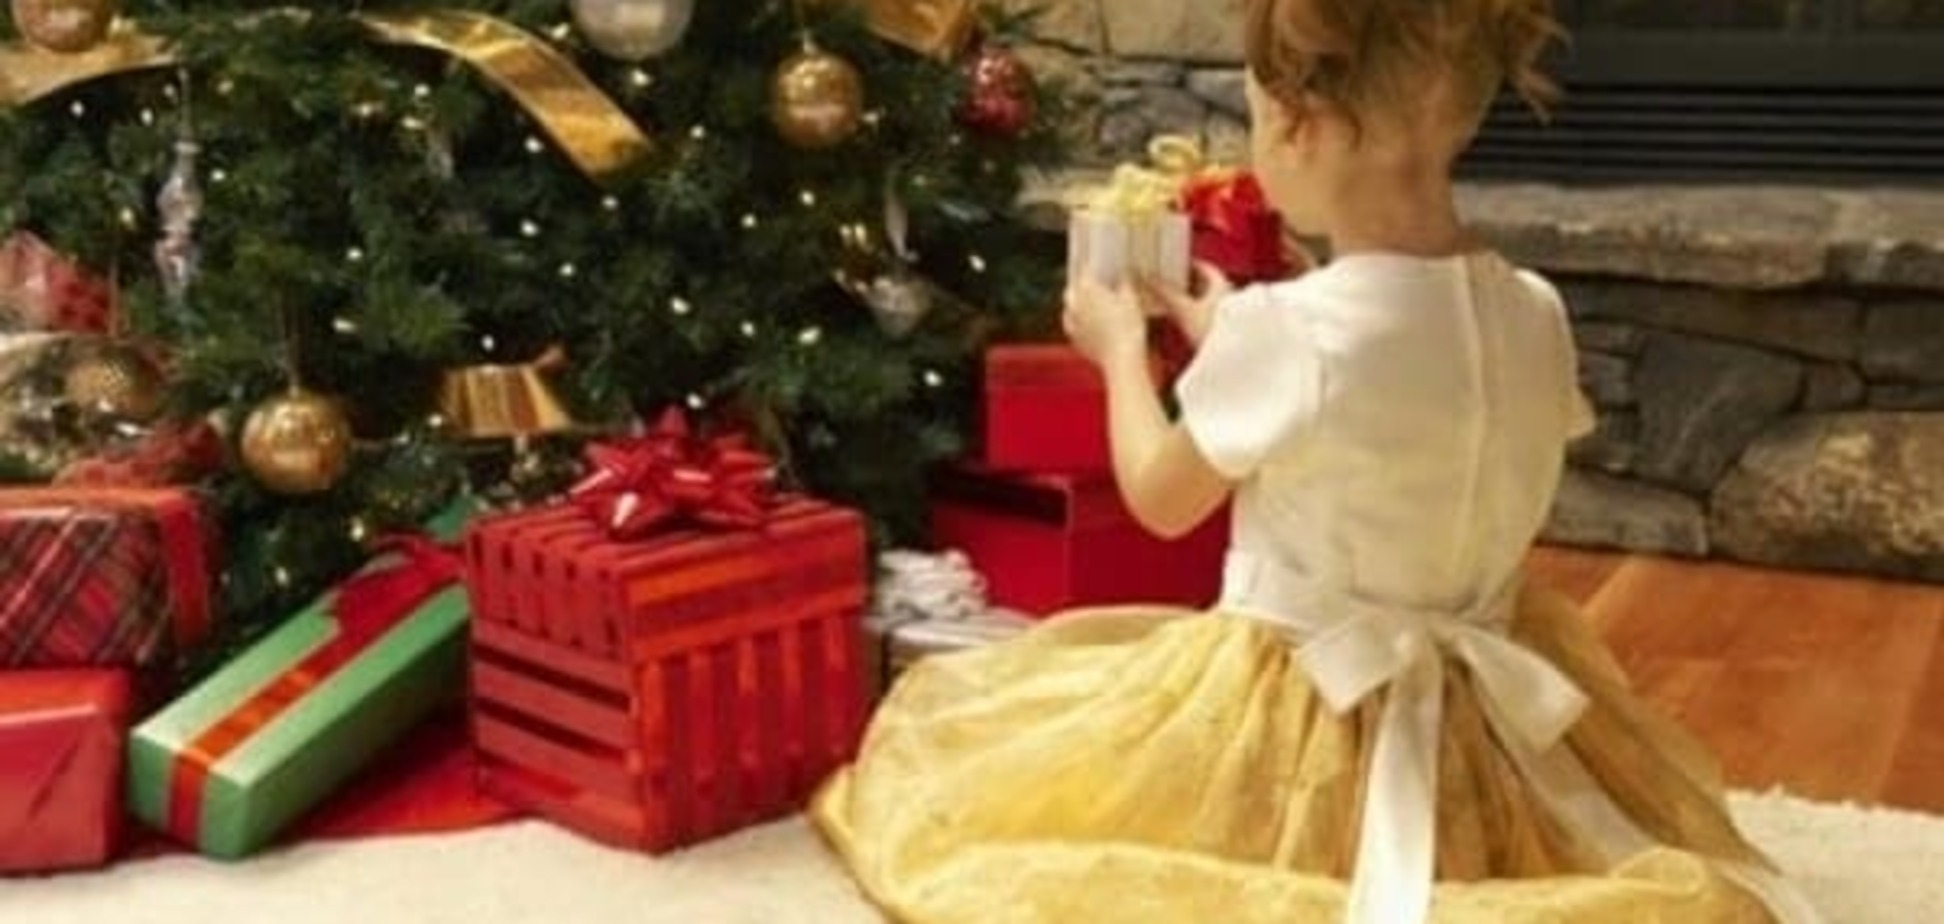 Несколько Новогодних семейных традиций, которые можно основать уже сегодня